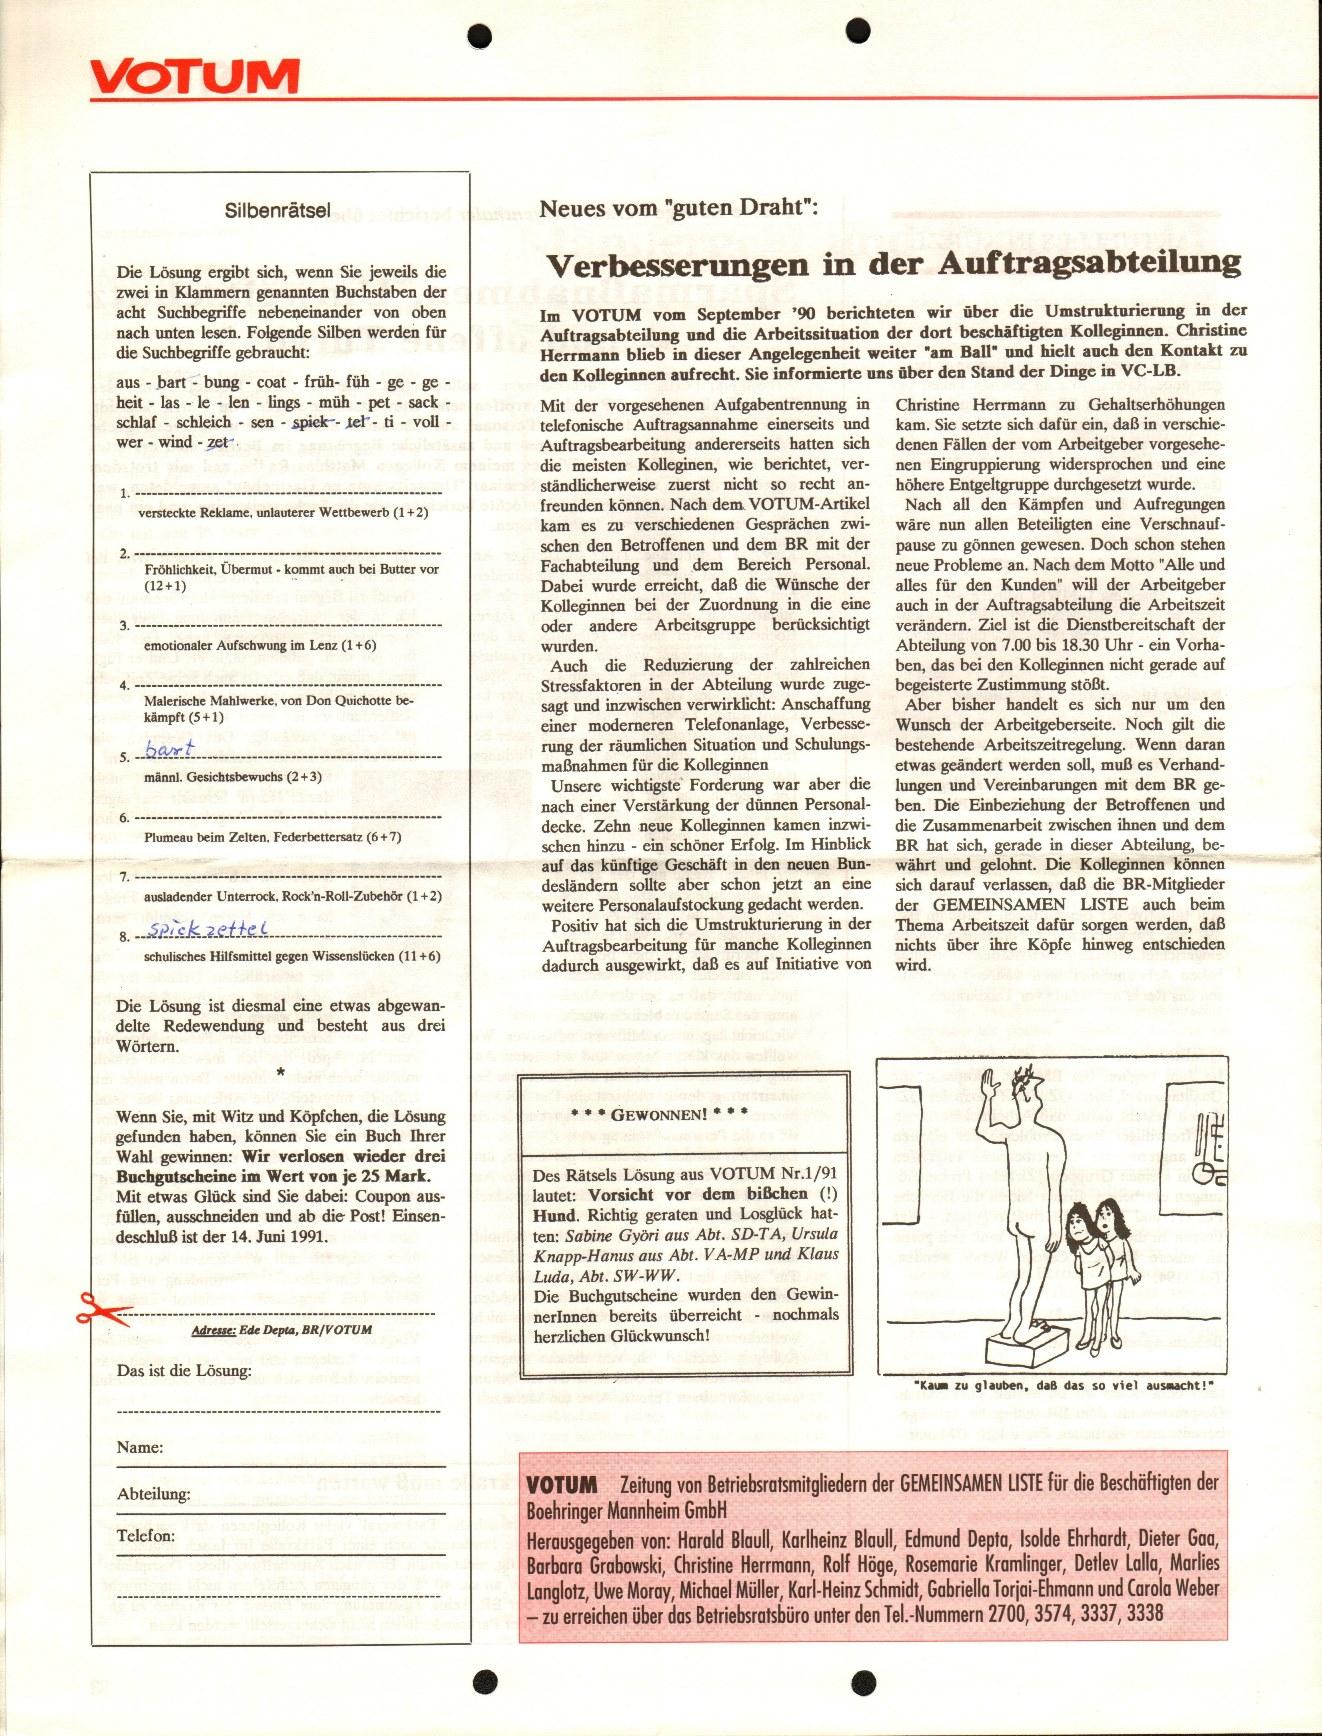 Mannheim_Boehringer_Gemeinsame_Liste_1991_02_04